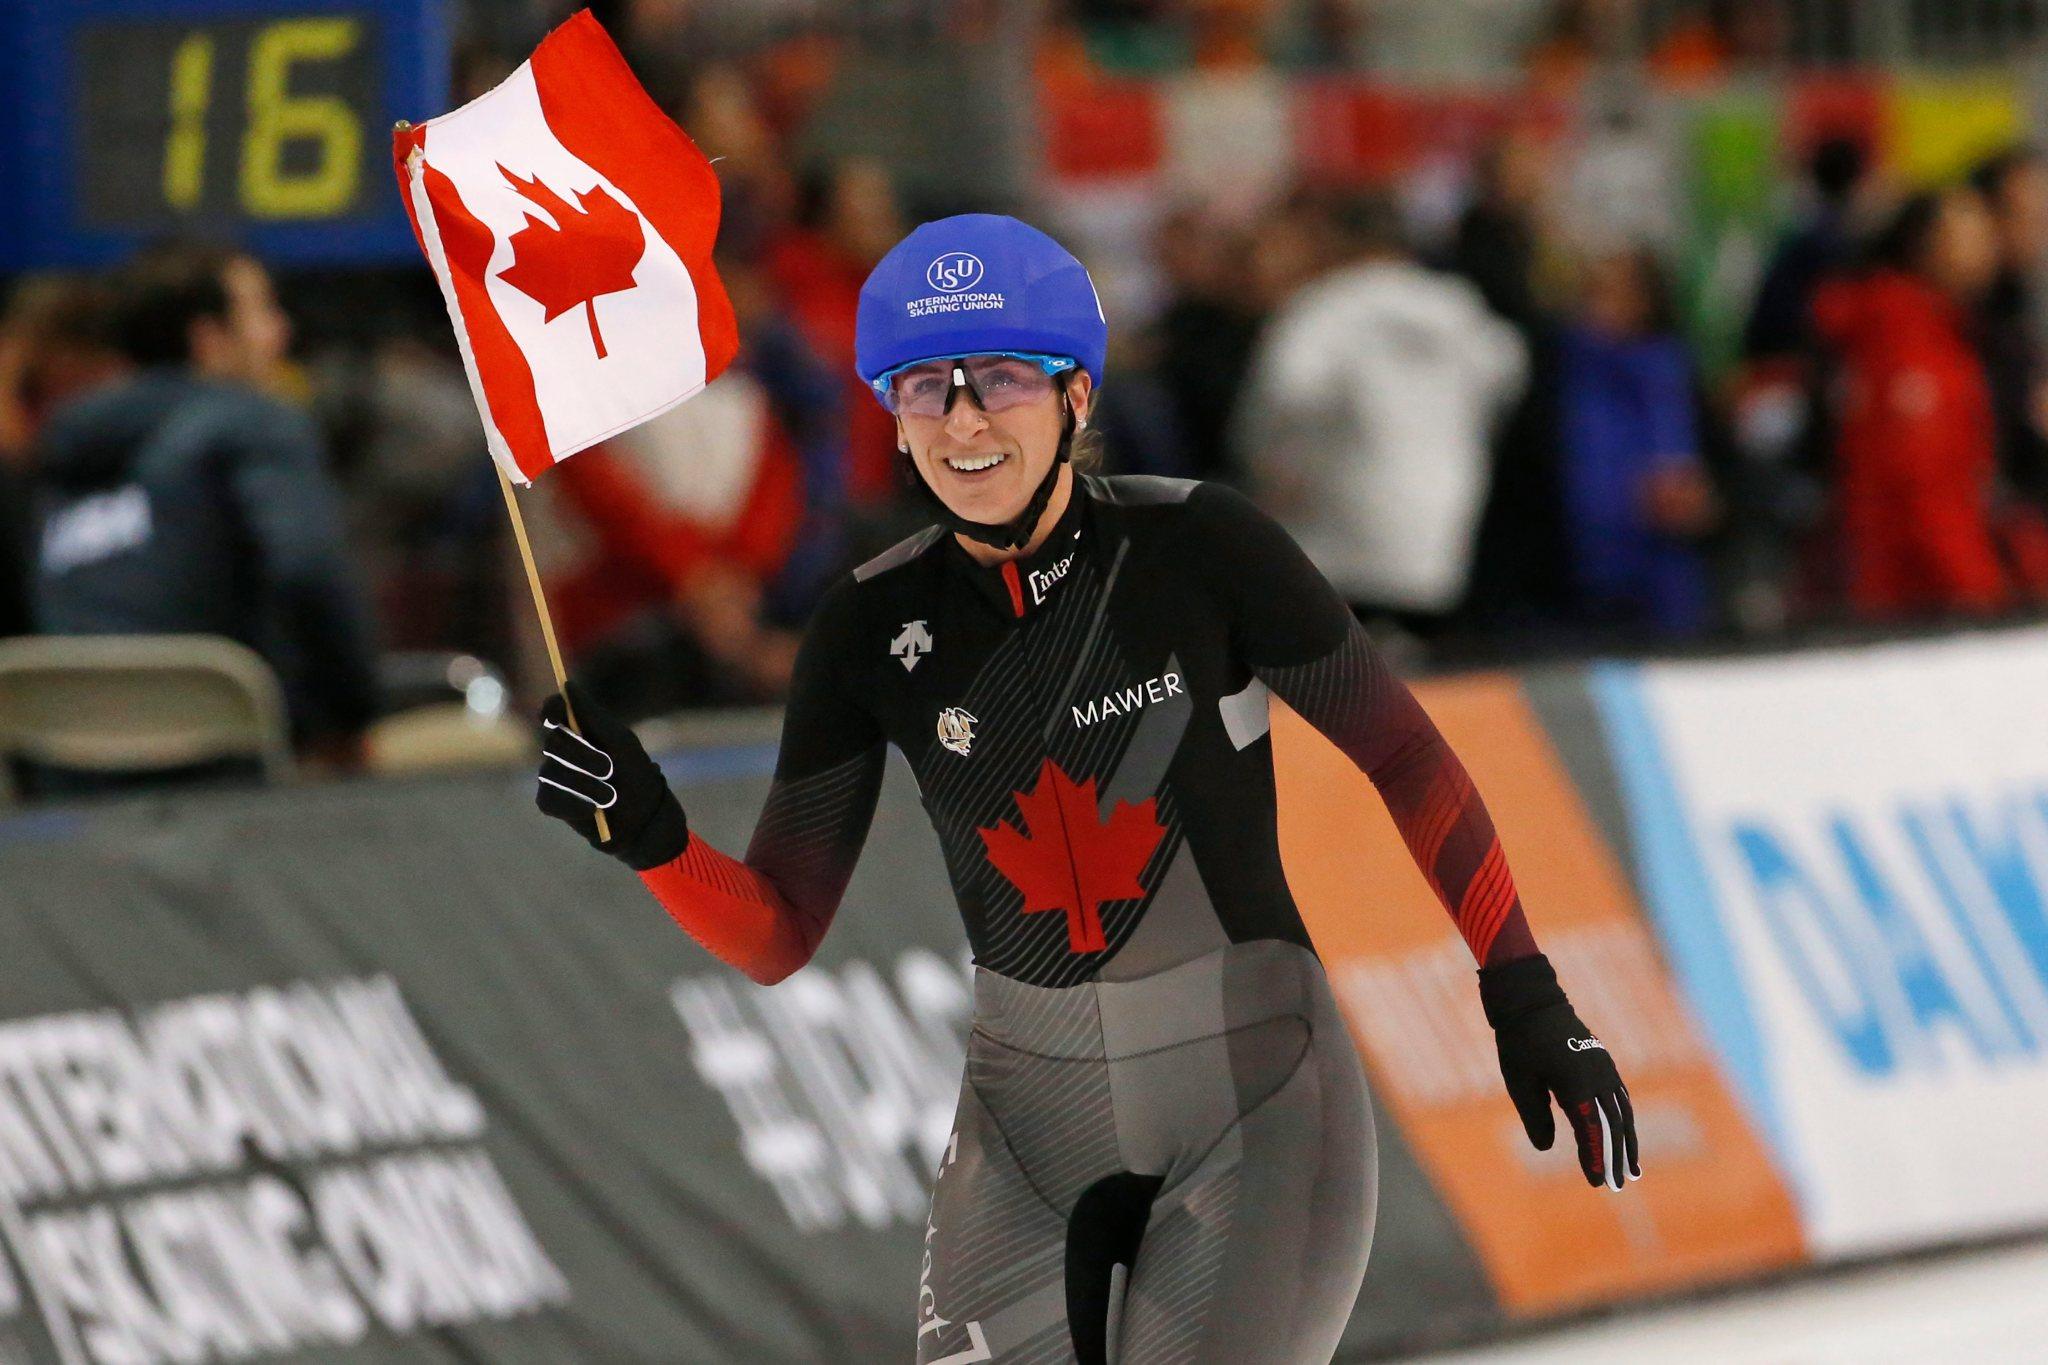 Ivanie Blondin d'Équipe Canada célèbre sa performance aux Championnats du monde de distance simple le dimanche 16 février 2020 à Kearns, Hutah.